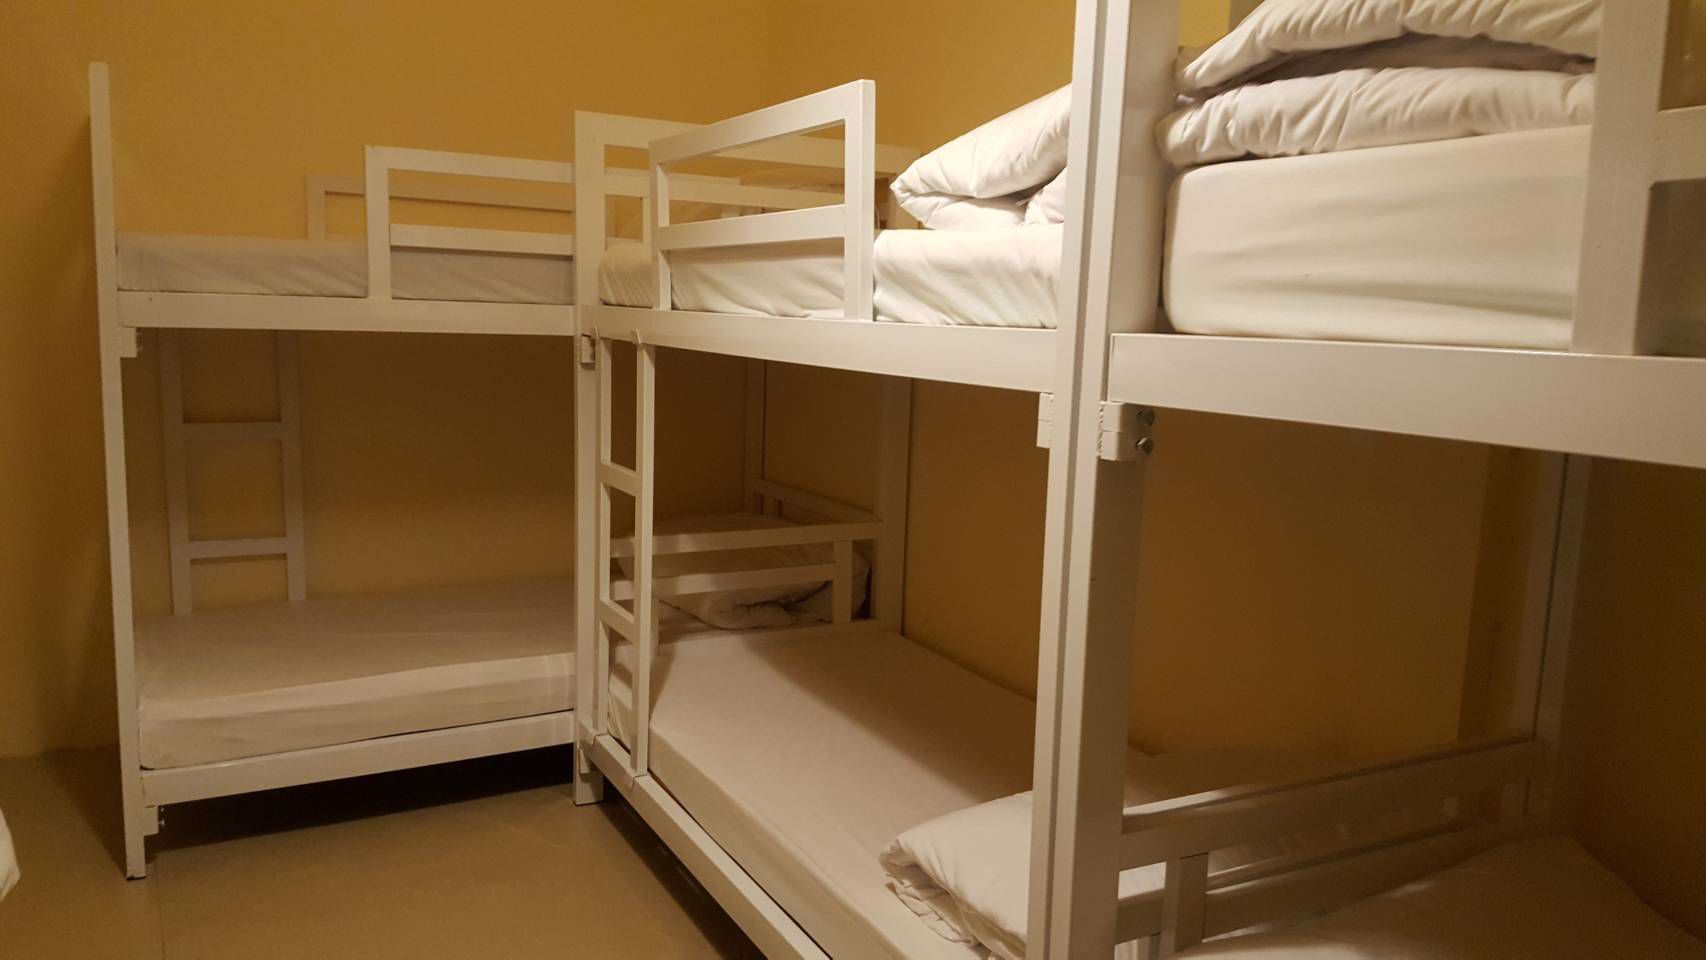 ห้องเช่ารายเดือน-ห้องพักสวยและสะอาดพร้อมเครื่องปรับอากาศ-บางรัก-กรุงเทพมหานคร